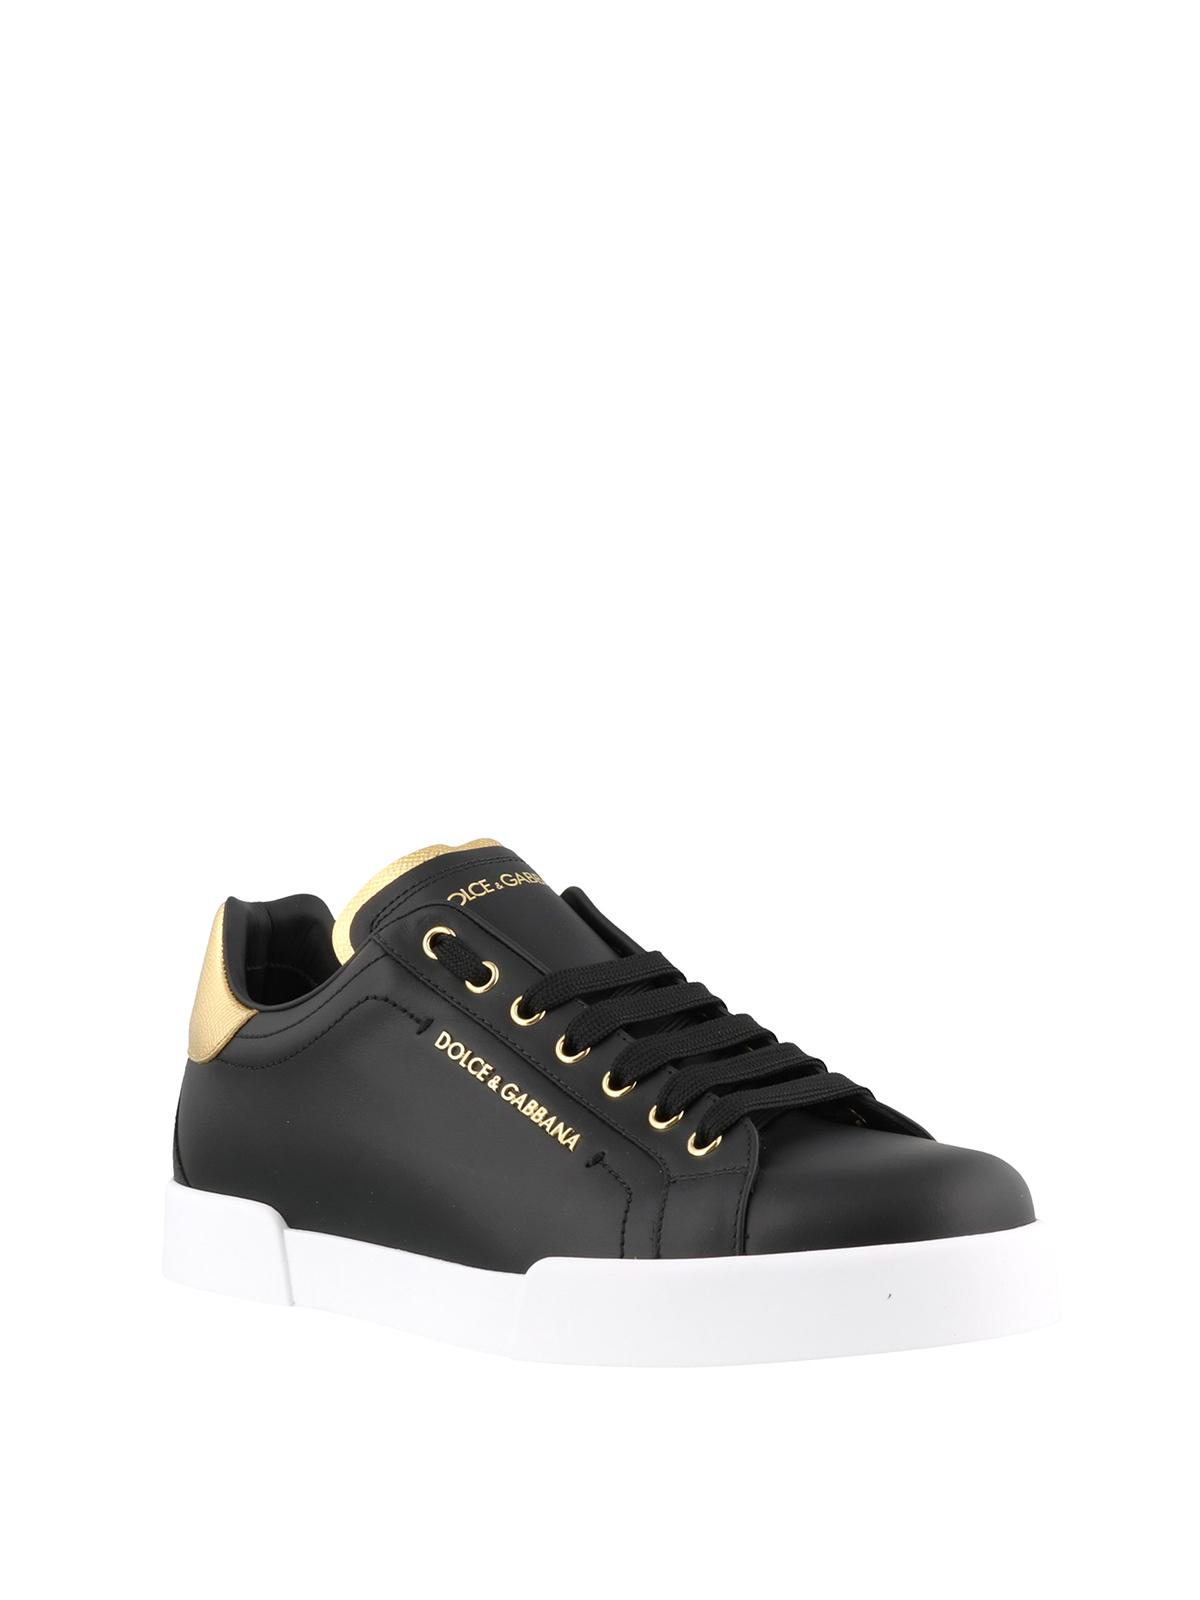 Portofino black and gold sneakers